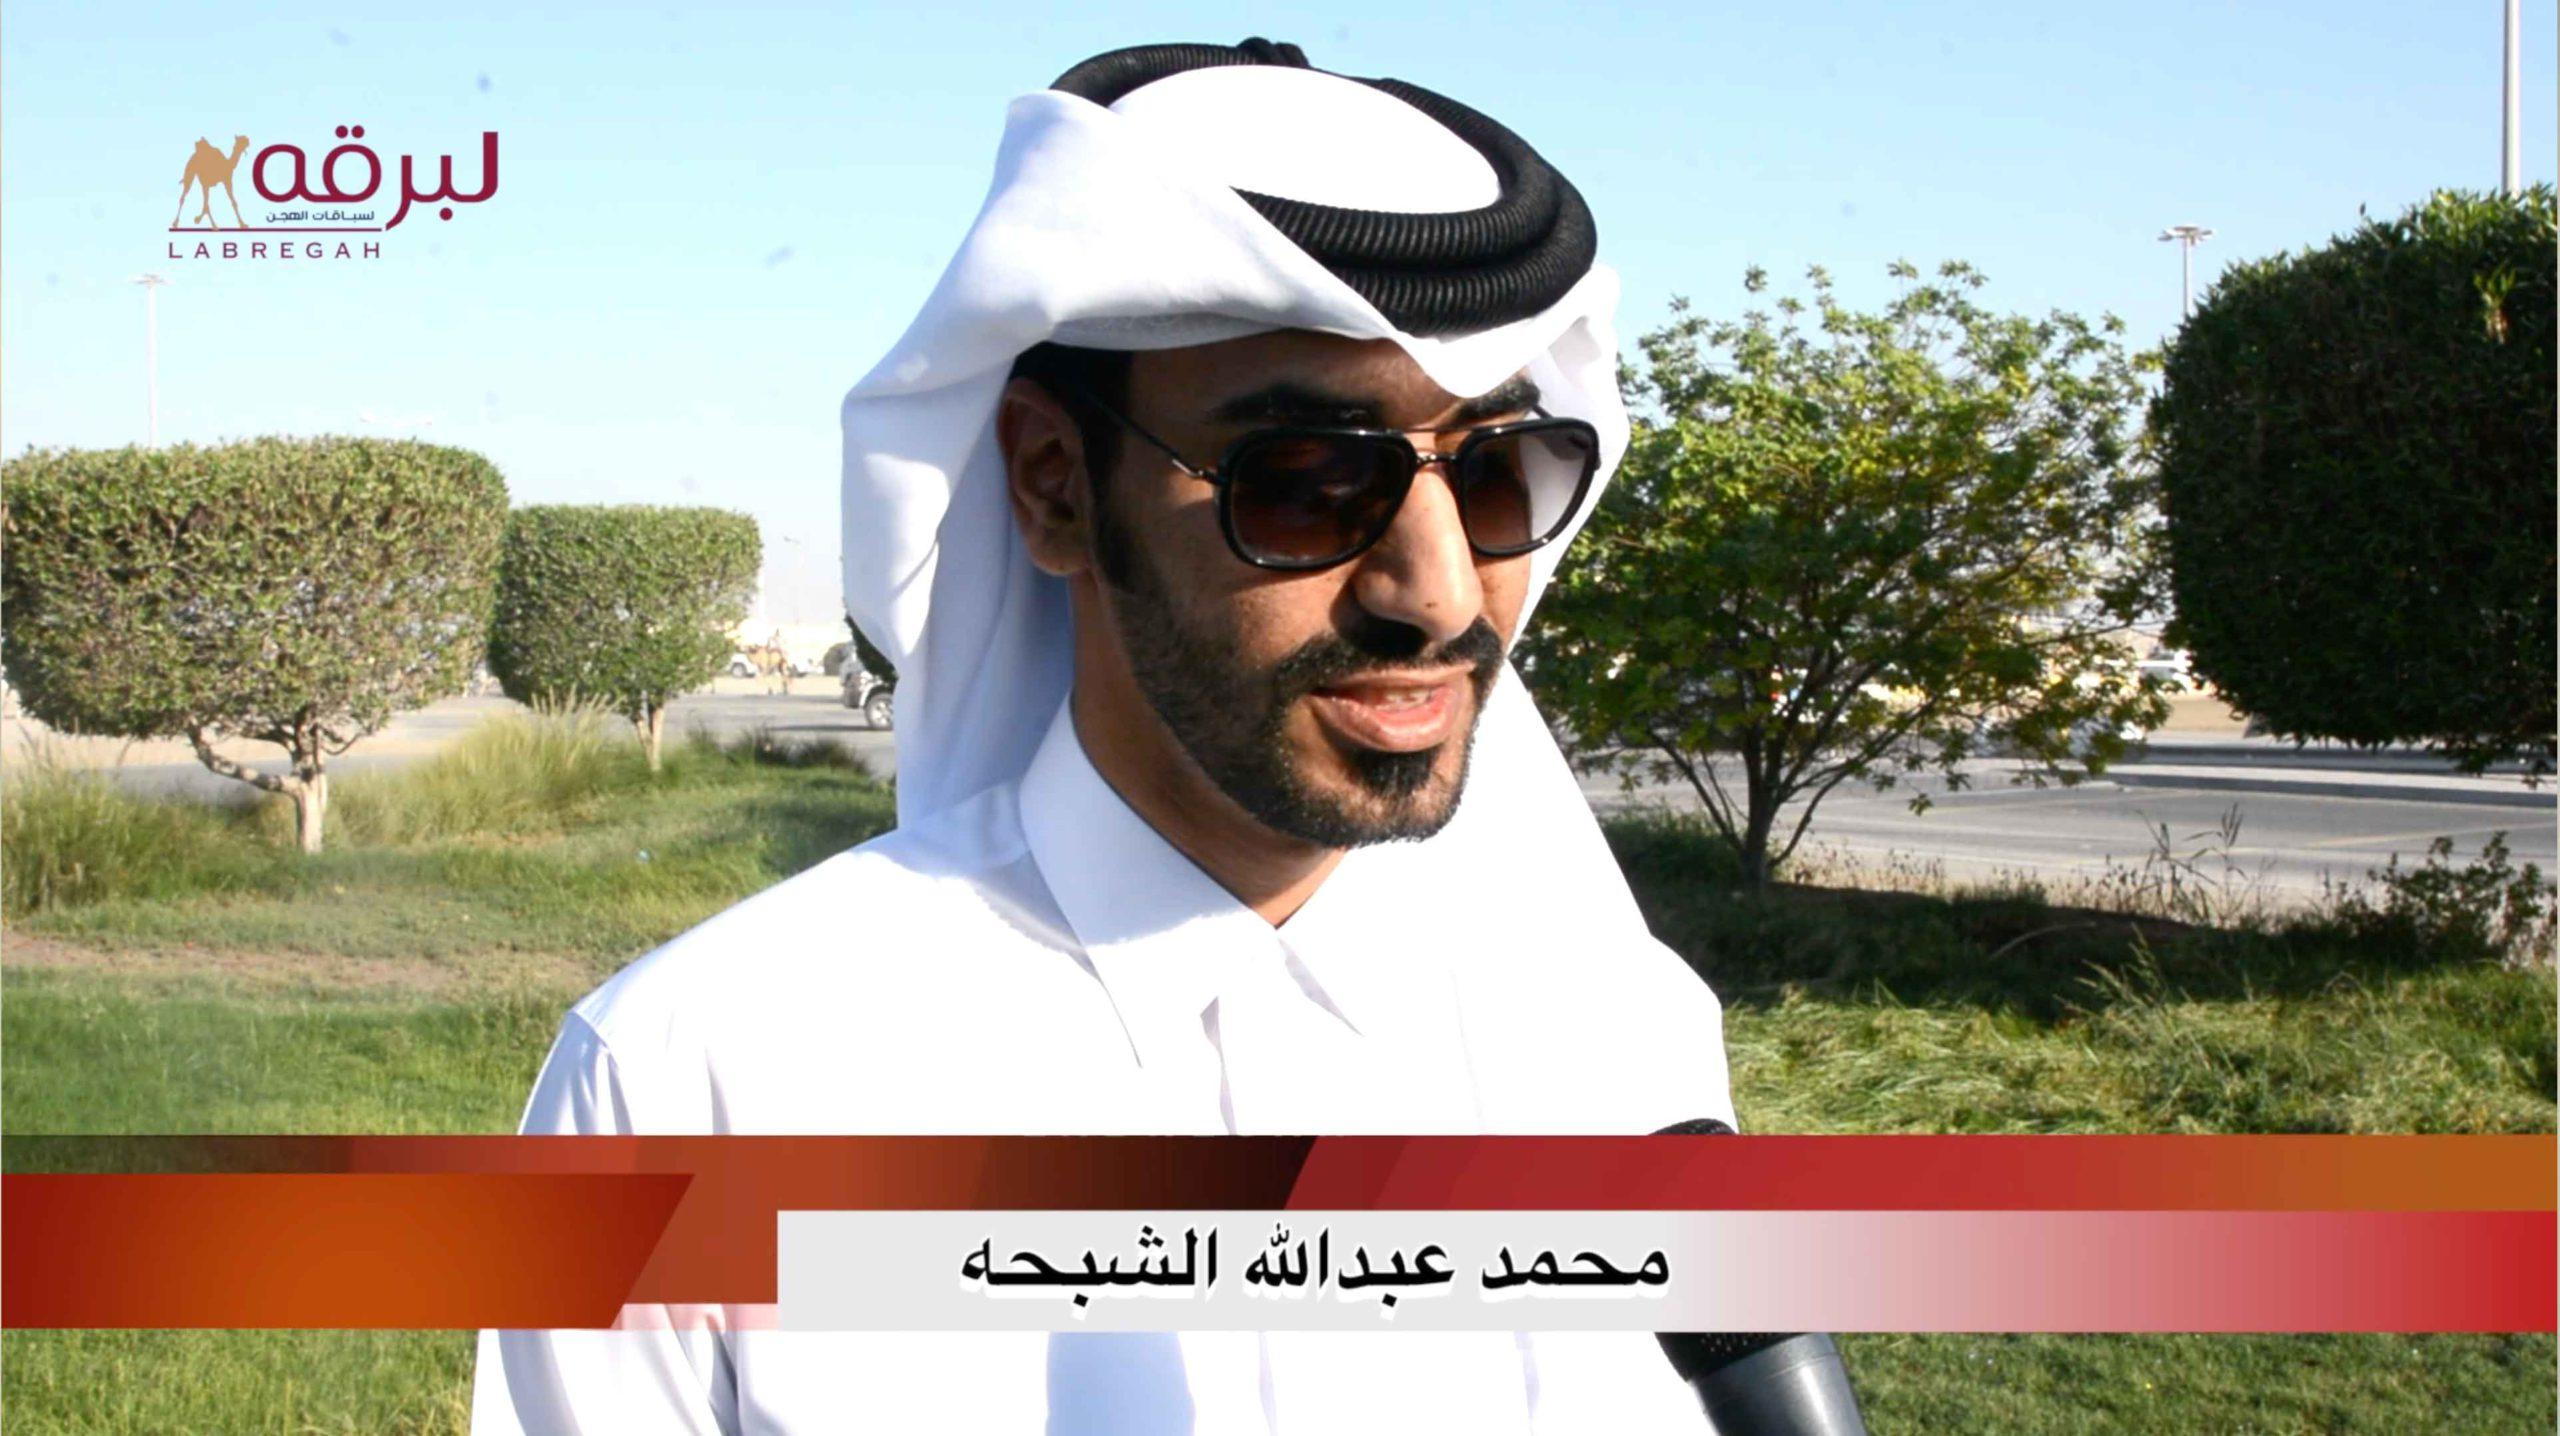 لقاء مع محمد بن عبدالله الشبحة.. الشوط الرئيسي للثنايا قعدان مفتوح الأشواط العامة  ١٦-١٠-٢٠٢٠